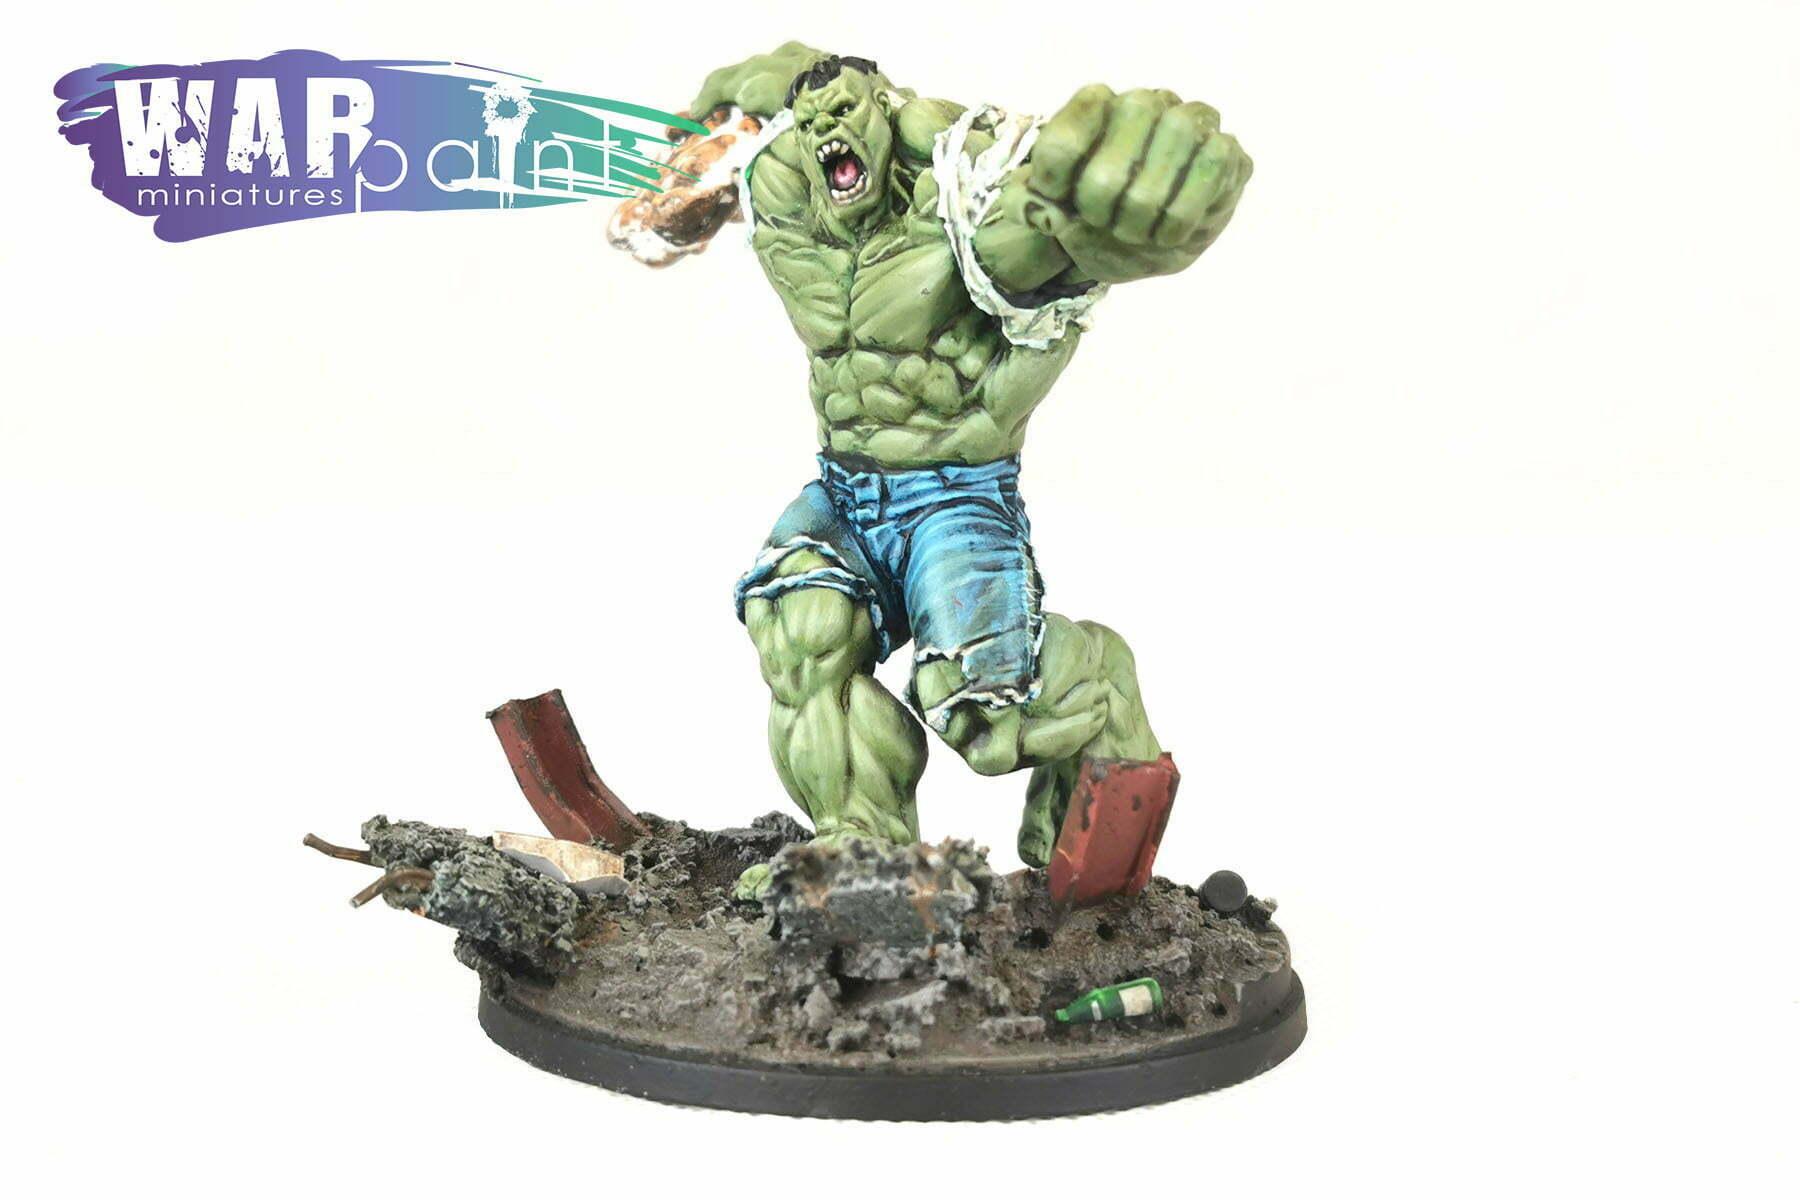 The-Hulk-web-optimised-3